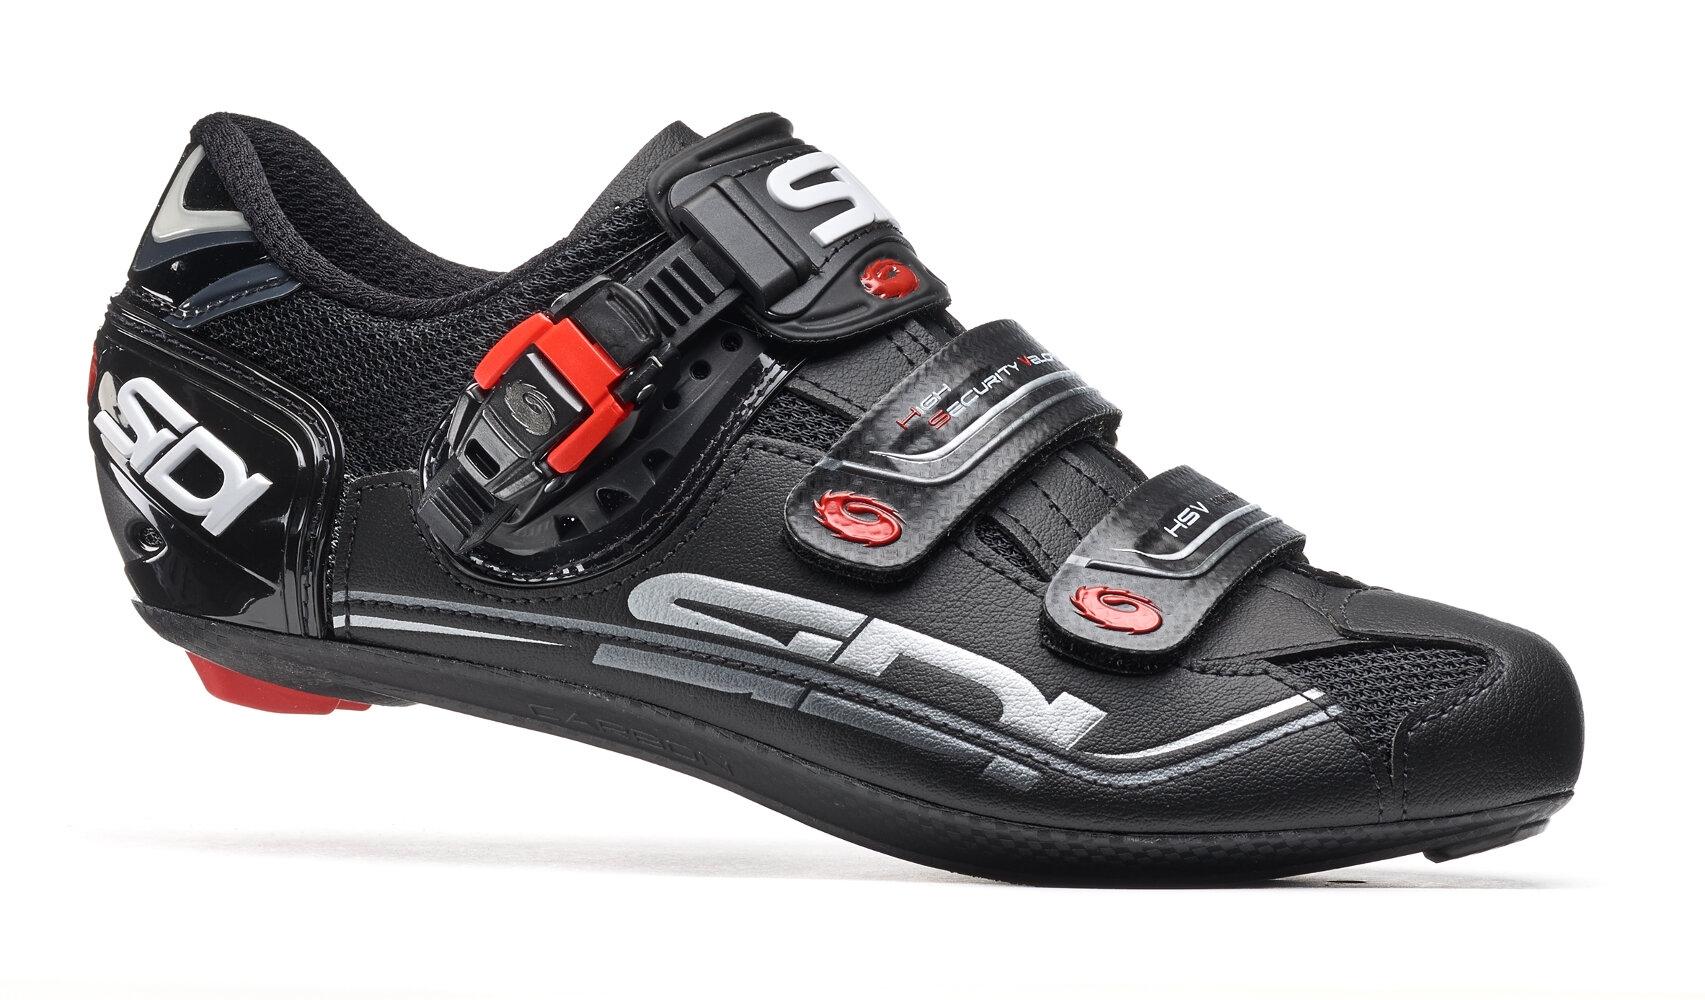 Chaussures Sidi GENIUS 7 Noir - 44